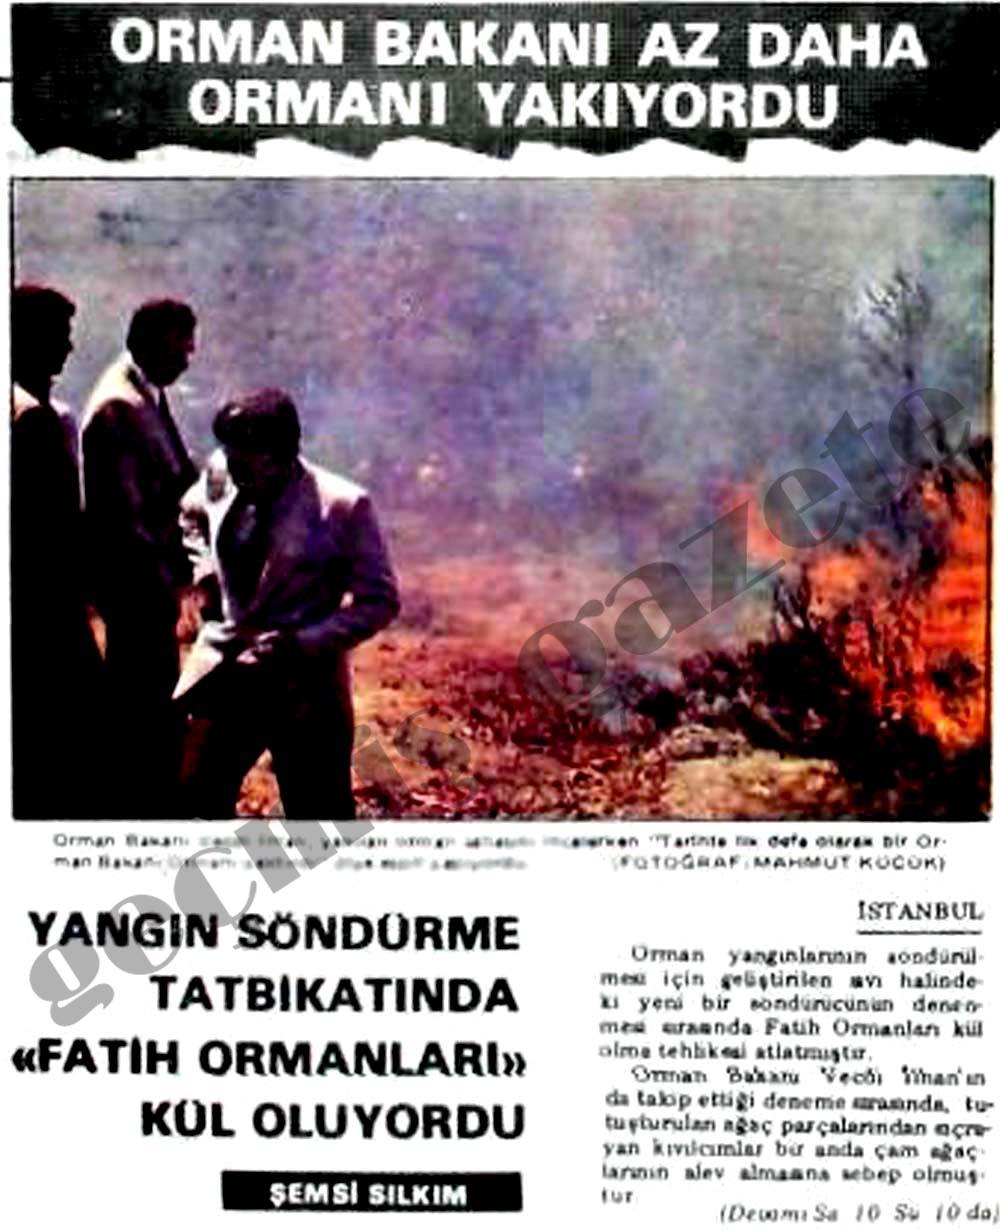 Orman Bakanı az daha ormanı yakıyordu